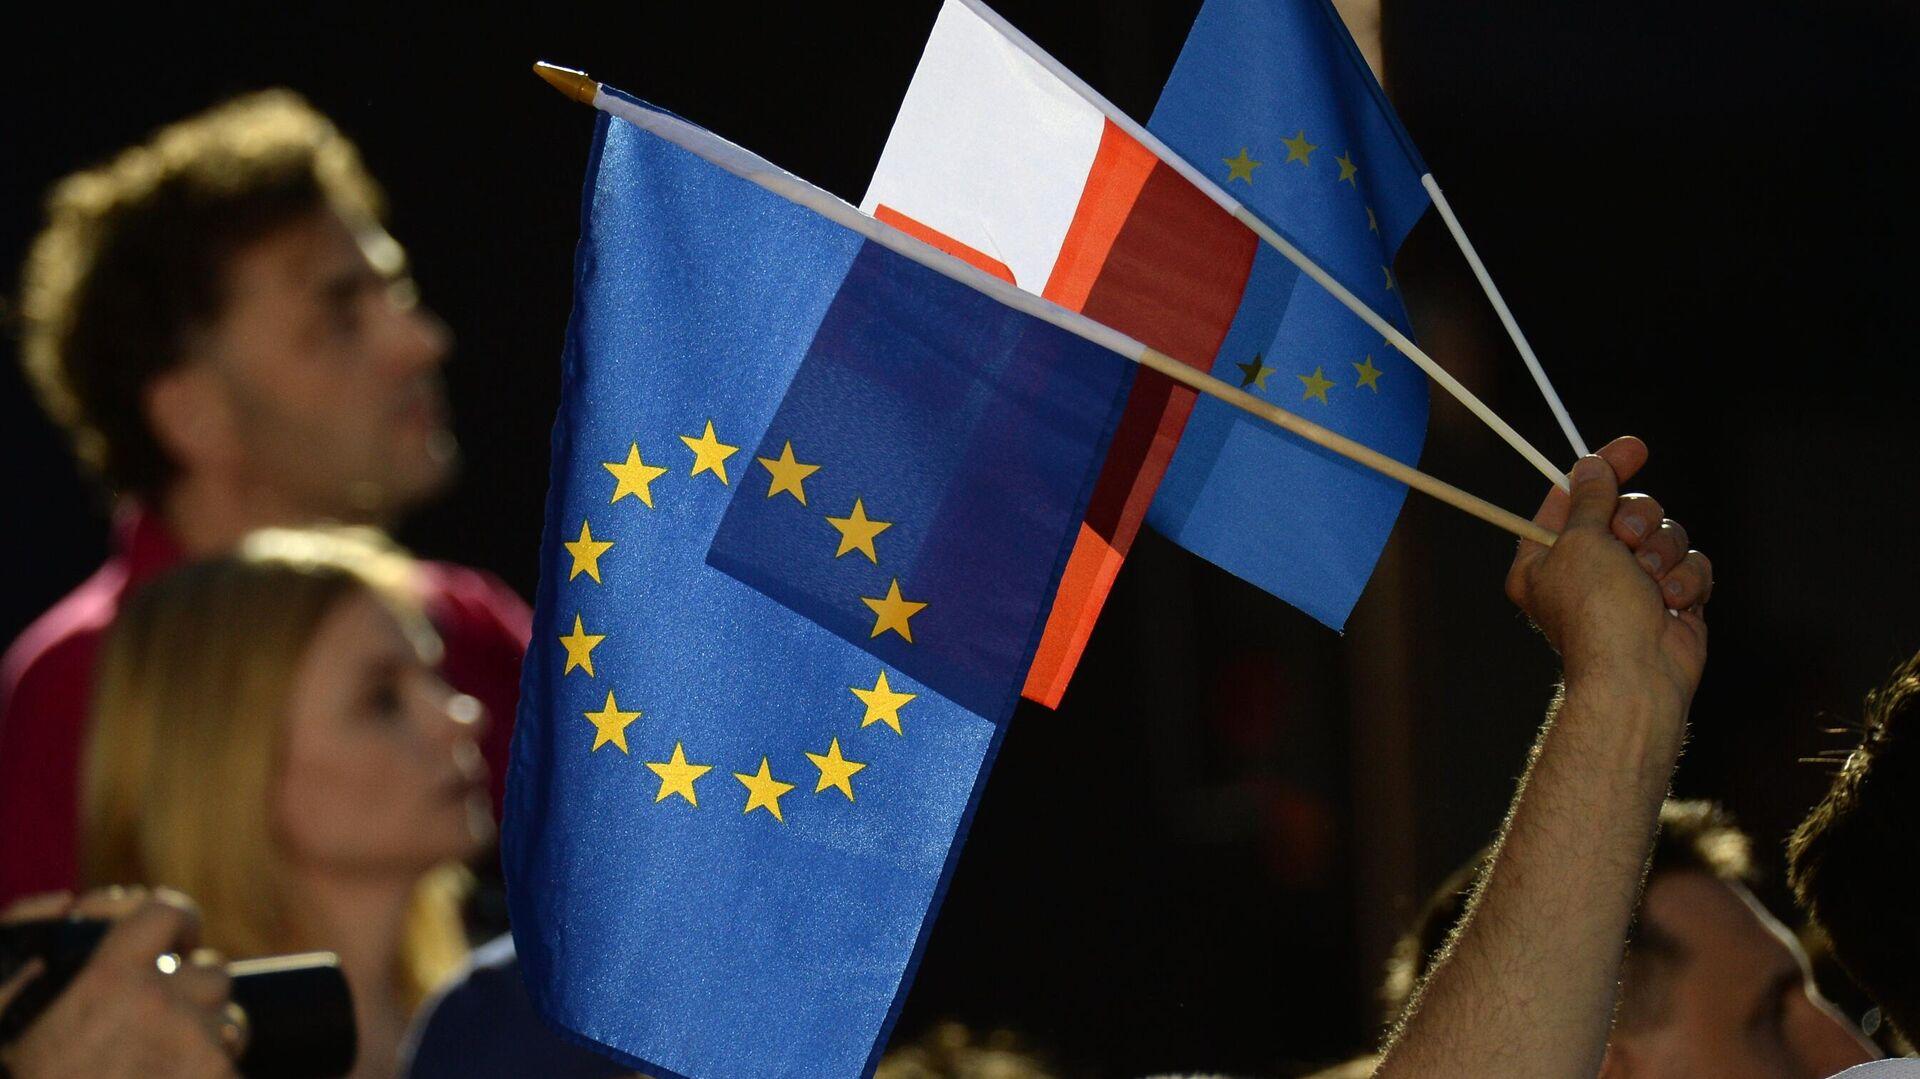 Люди с флагами Евросоюза и Польши в Варшаве - РИА Новости, 1920, 15.07.2021